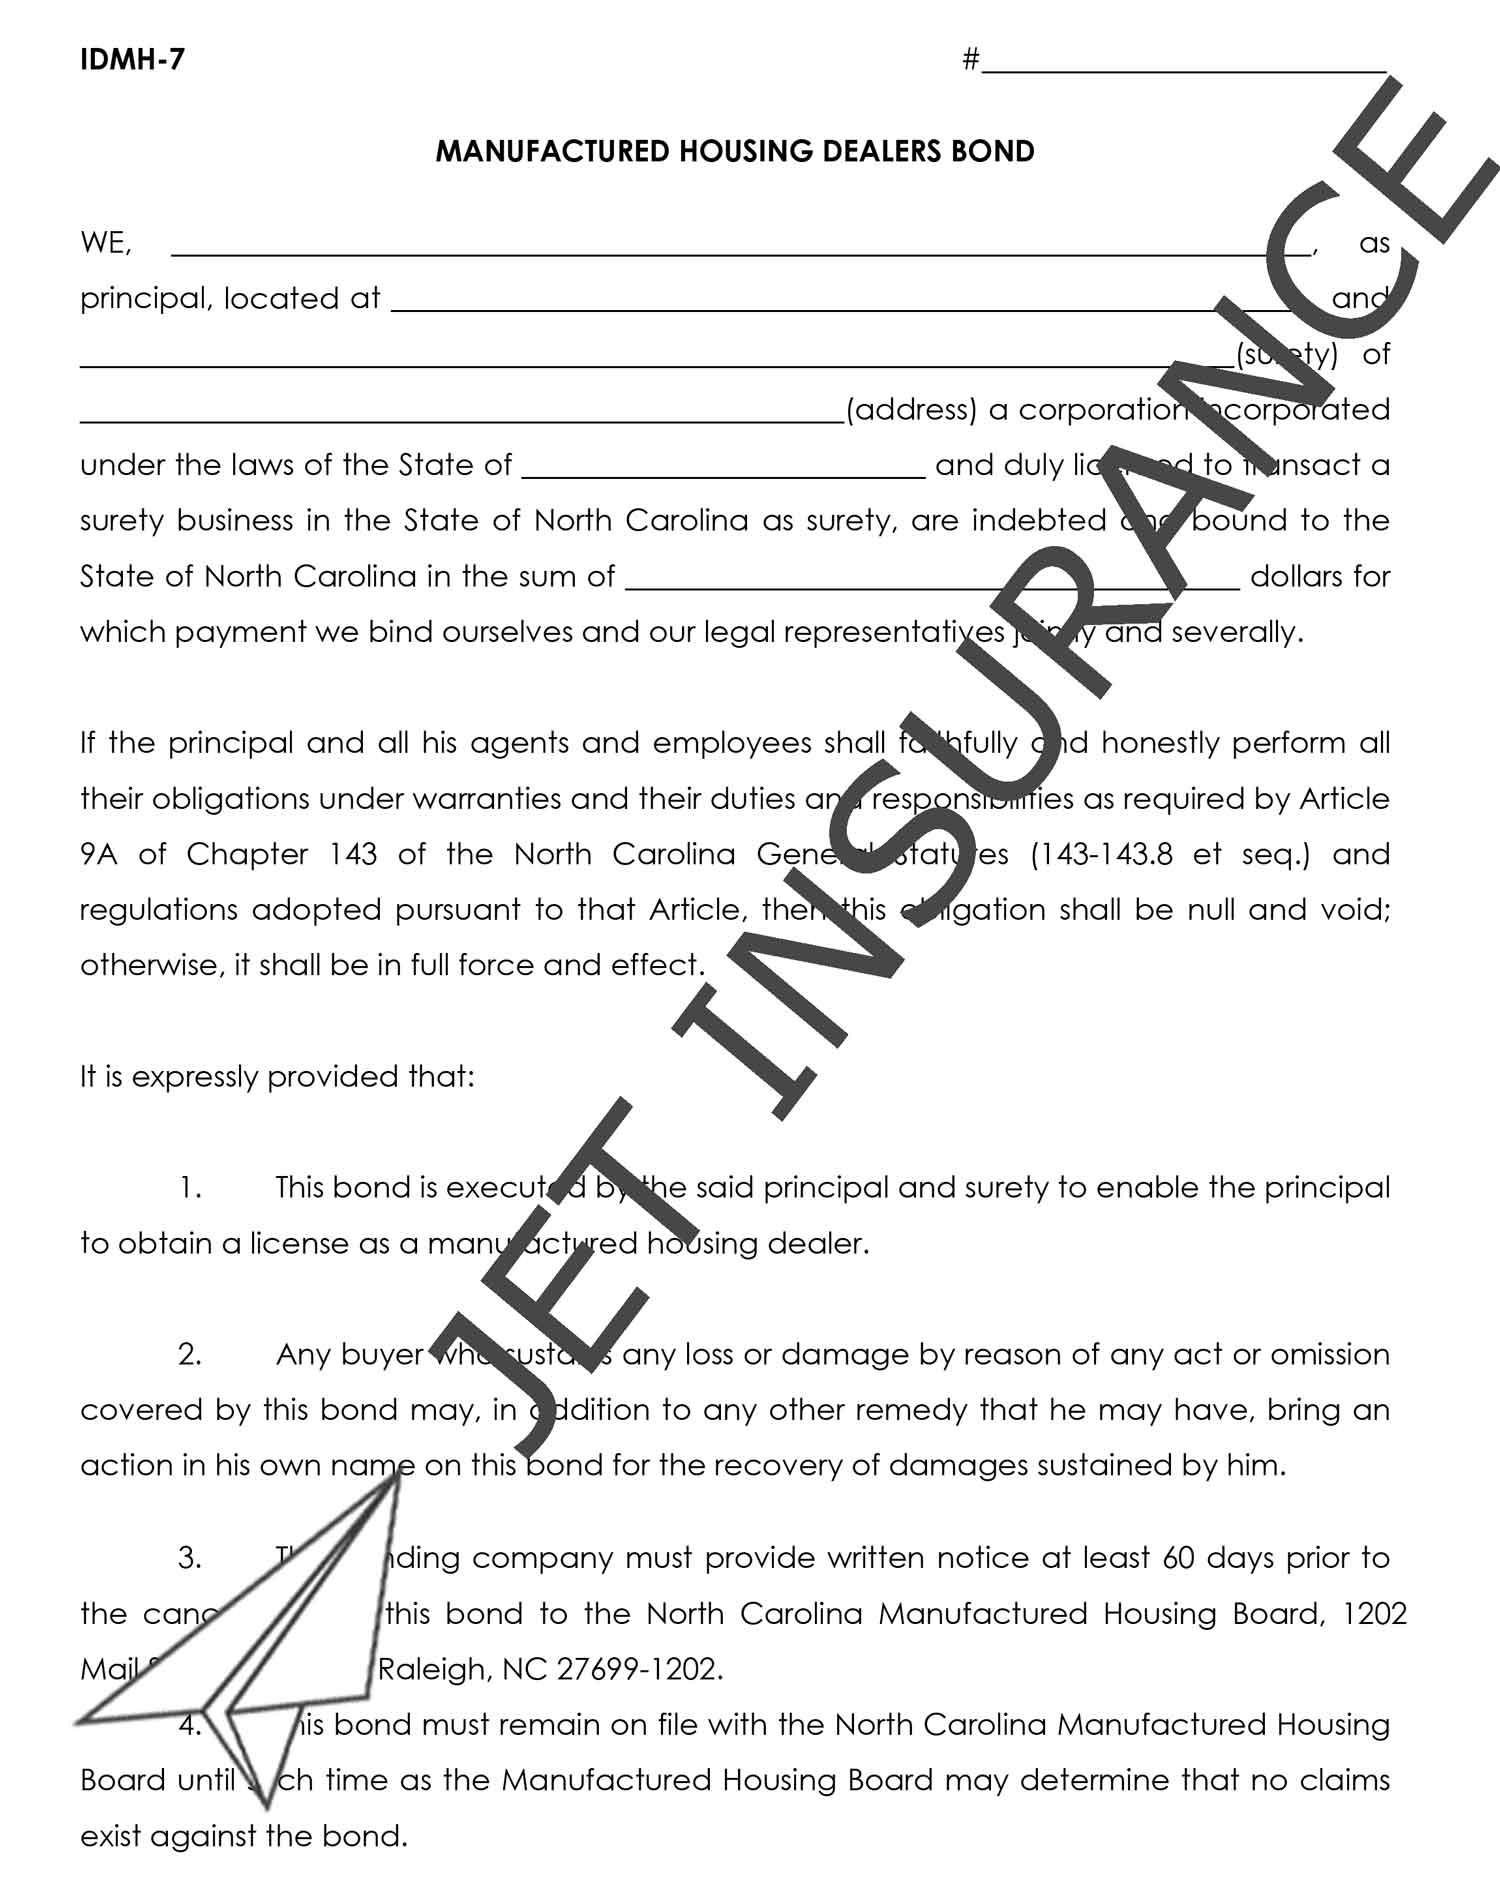 North Carolina Manufactured Housing Dealer Bond Form